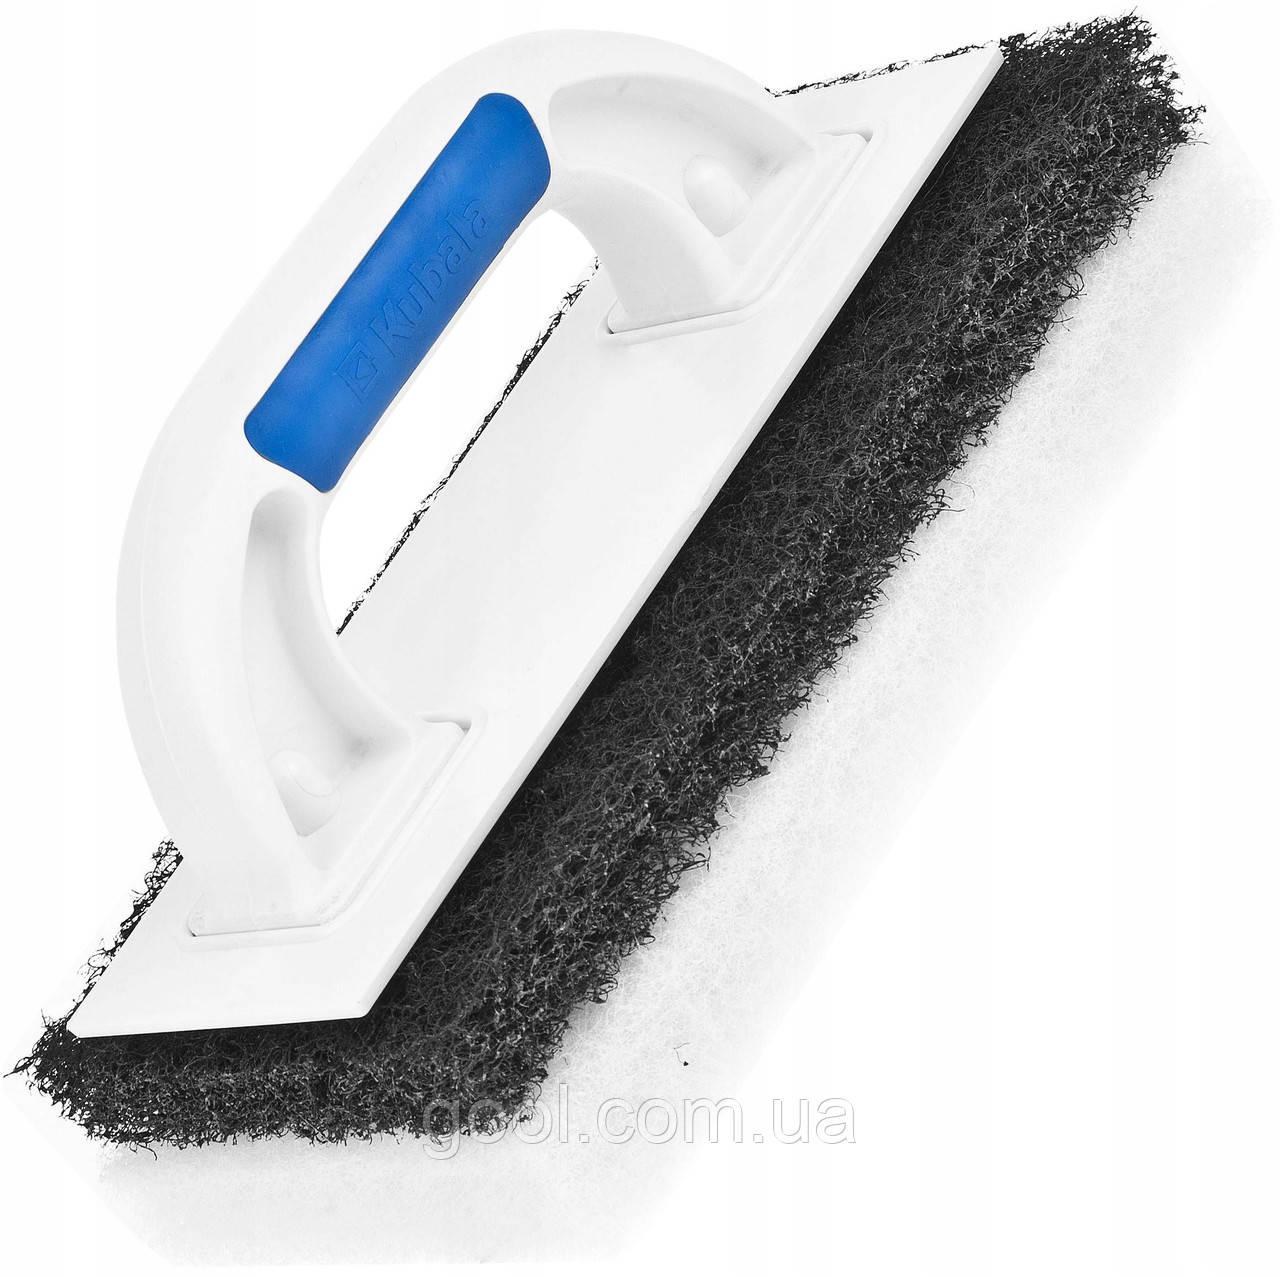 Набор для очистки эпоксидной и цементной затирки на плитки и швах Kubala 250х120мм (Польша)